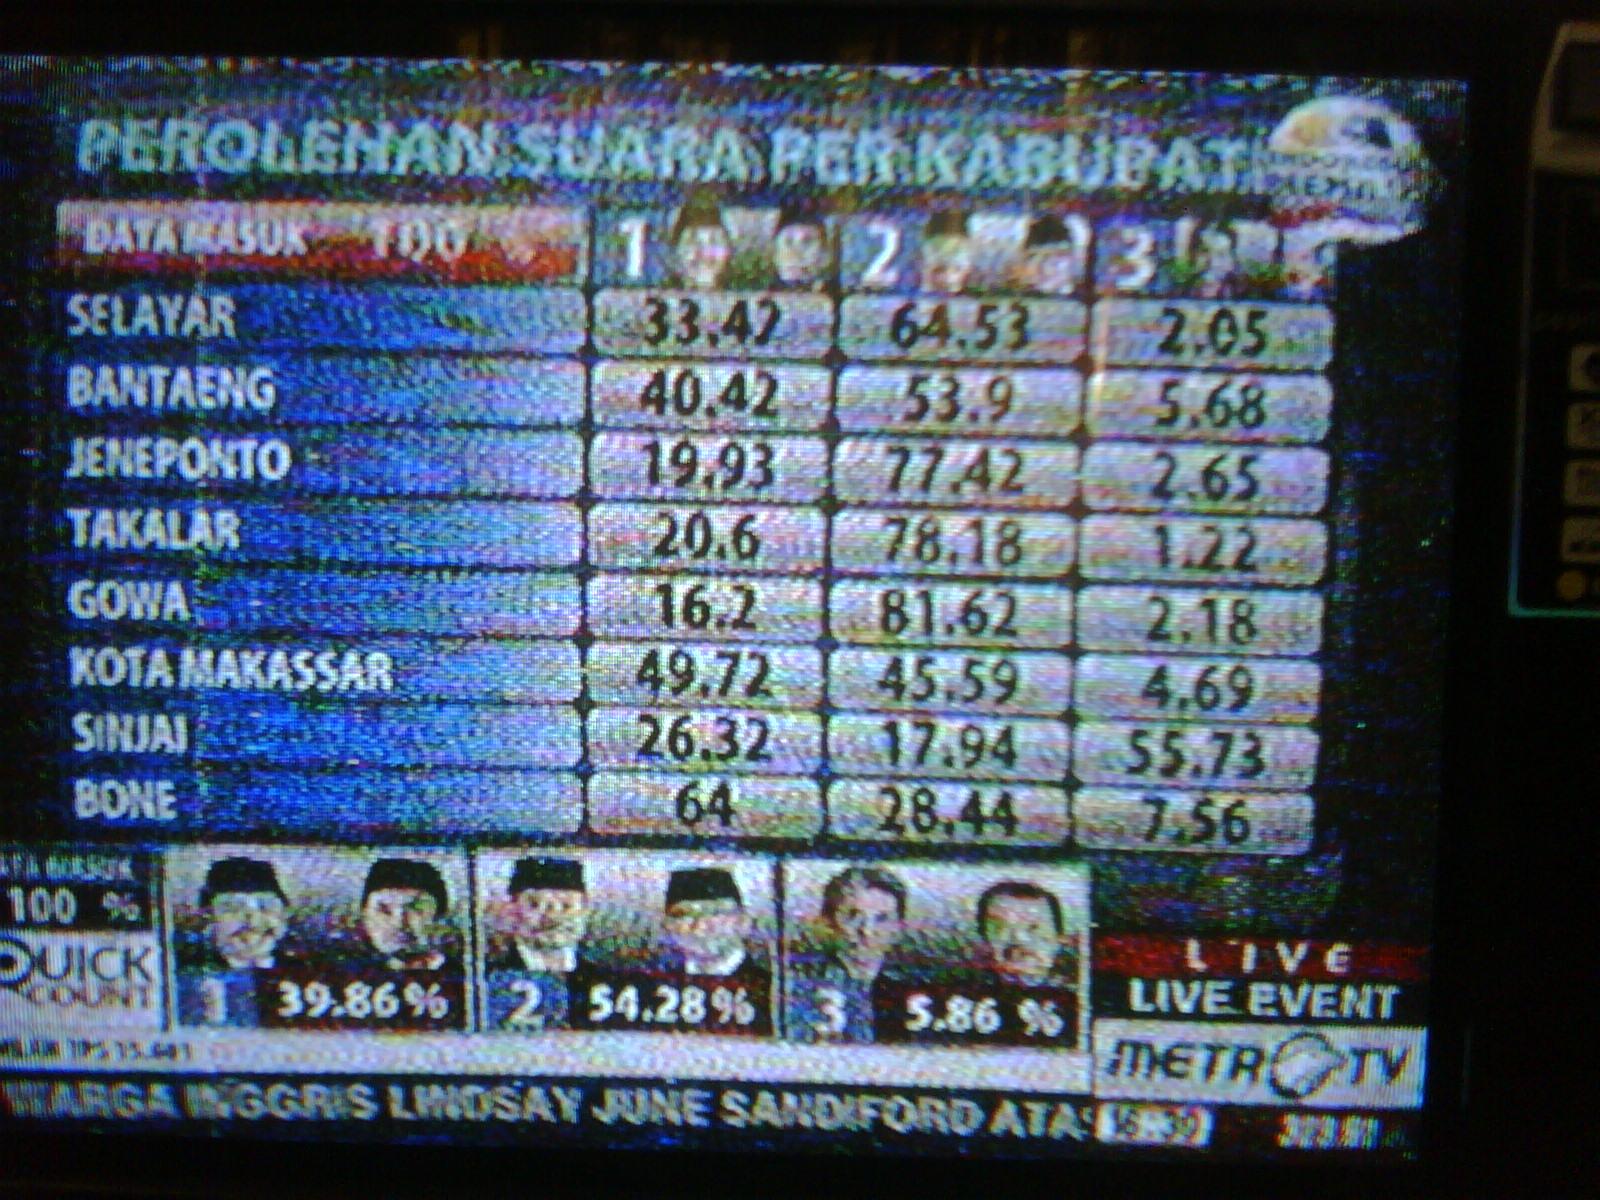 AlwinRaymondSoleman Pemenang Pilkada Sulsel Januari 2013 Versi